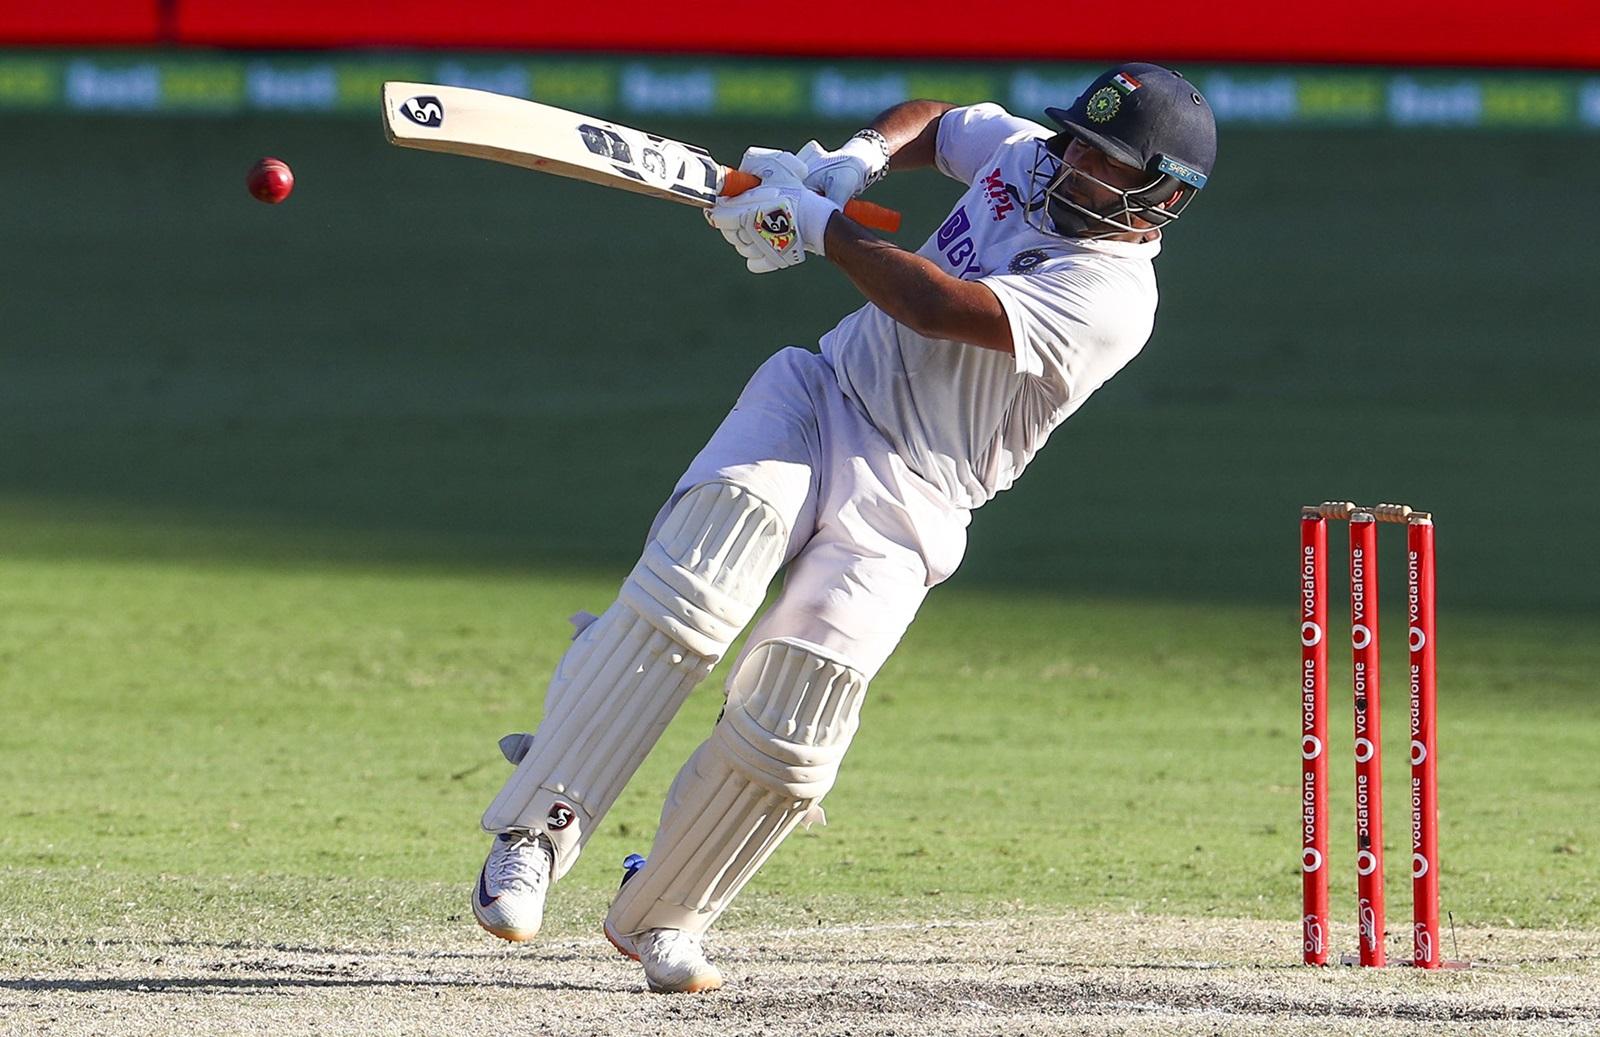 Pant's heroics reminded me of Stokes: Langer | cricket.com.au – cricket.com.au